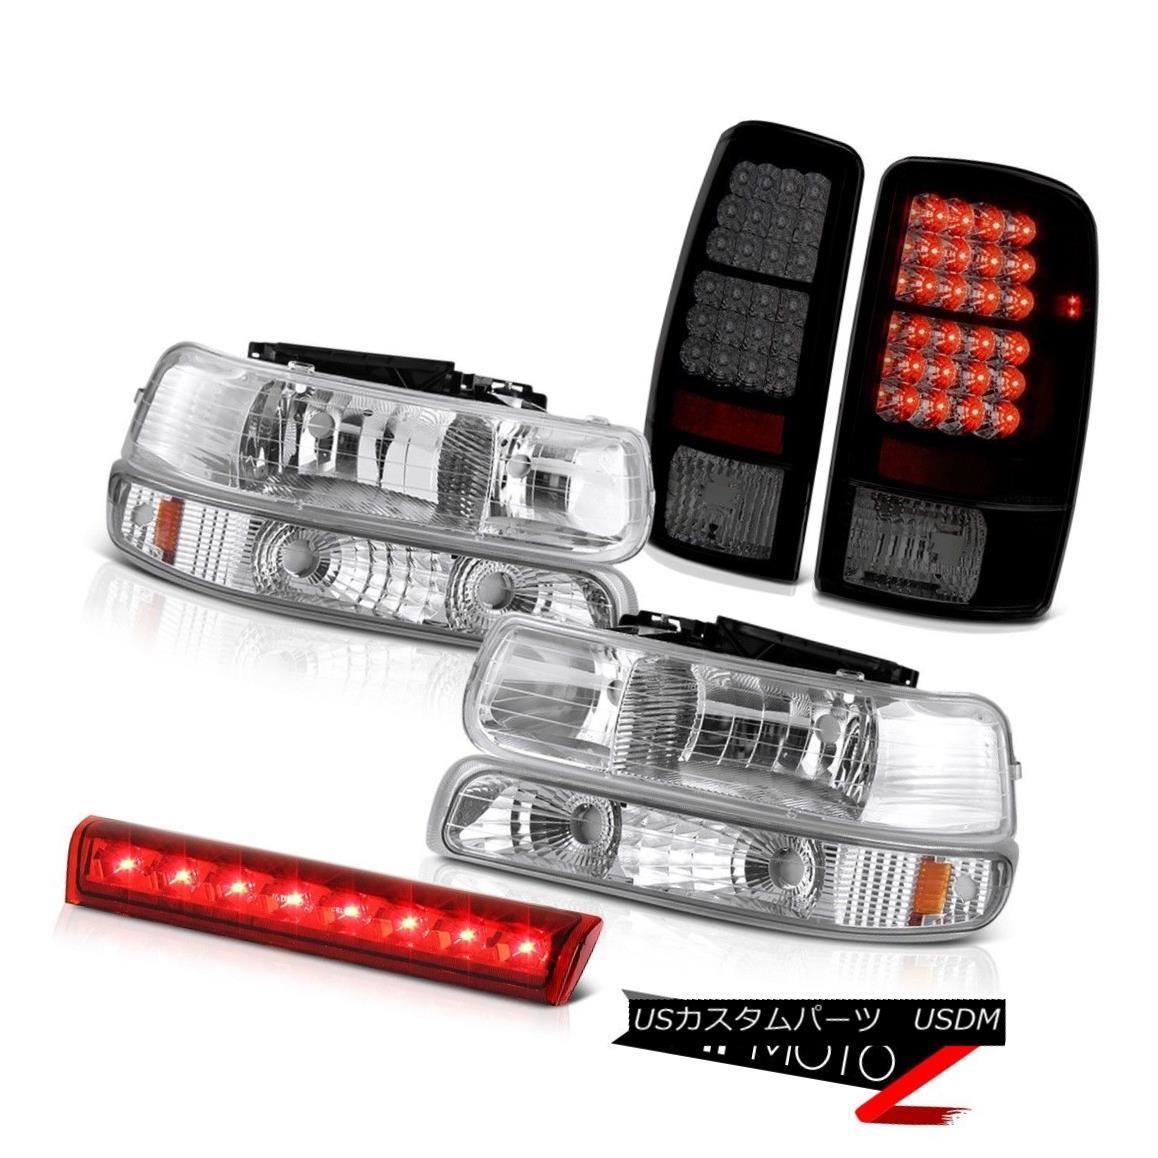 テールライト 00 01 02 03 04 05 06 Tahoe LT Euro Headlamps LED Tail Lights Lamps High Stop Red 00 01 02 03 04 05 06 Tahoe LTユーロヘッドランプLEDテールライトランプハイストップレッド